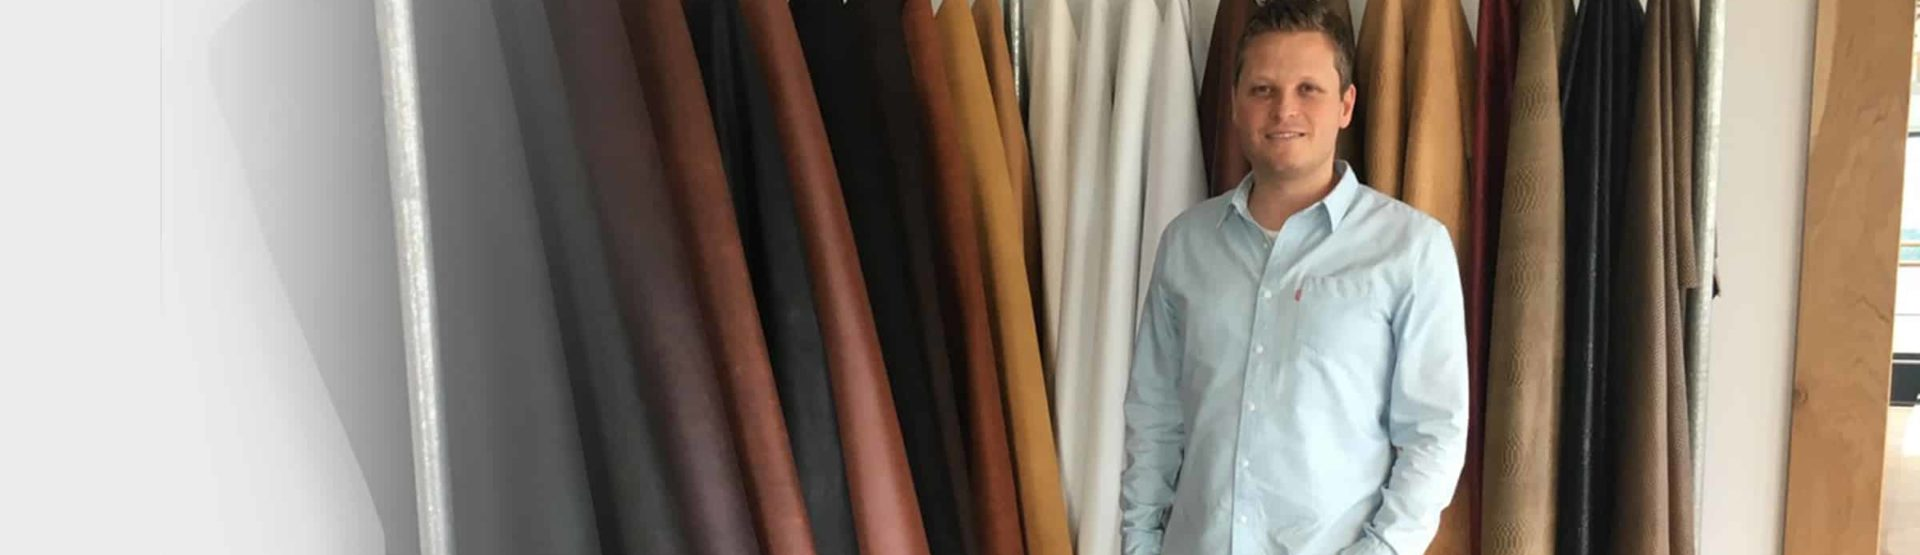 'We proberen zo open mogelijk te zijn'   JRW Leather staat voor transparant handelen